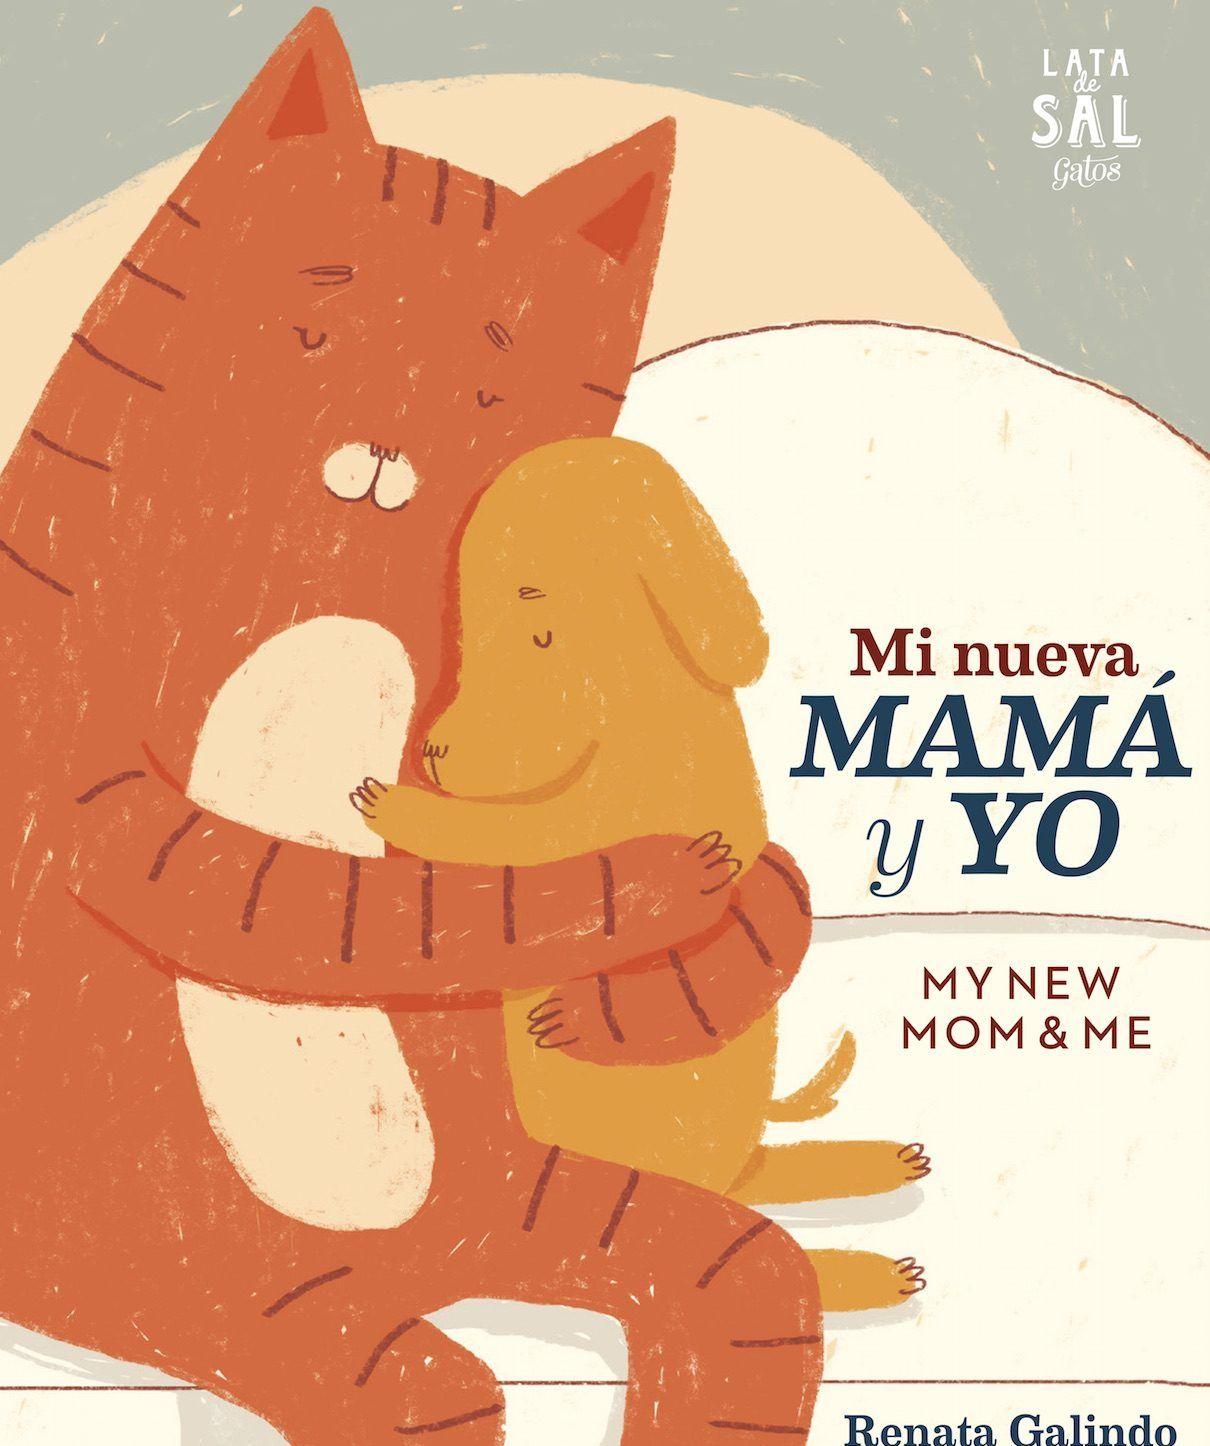 Mi Nueva Mama Y Yo Renata Galindo La Nueva Mamá Es Una Gata Naranja Y Rayada Esta Noble Gata Decide Adoptar Y Cu Nuevas Mamás Libro Infantil Libros Novedades